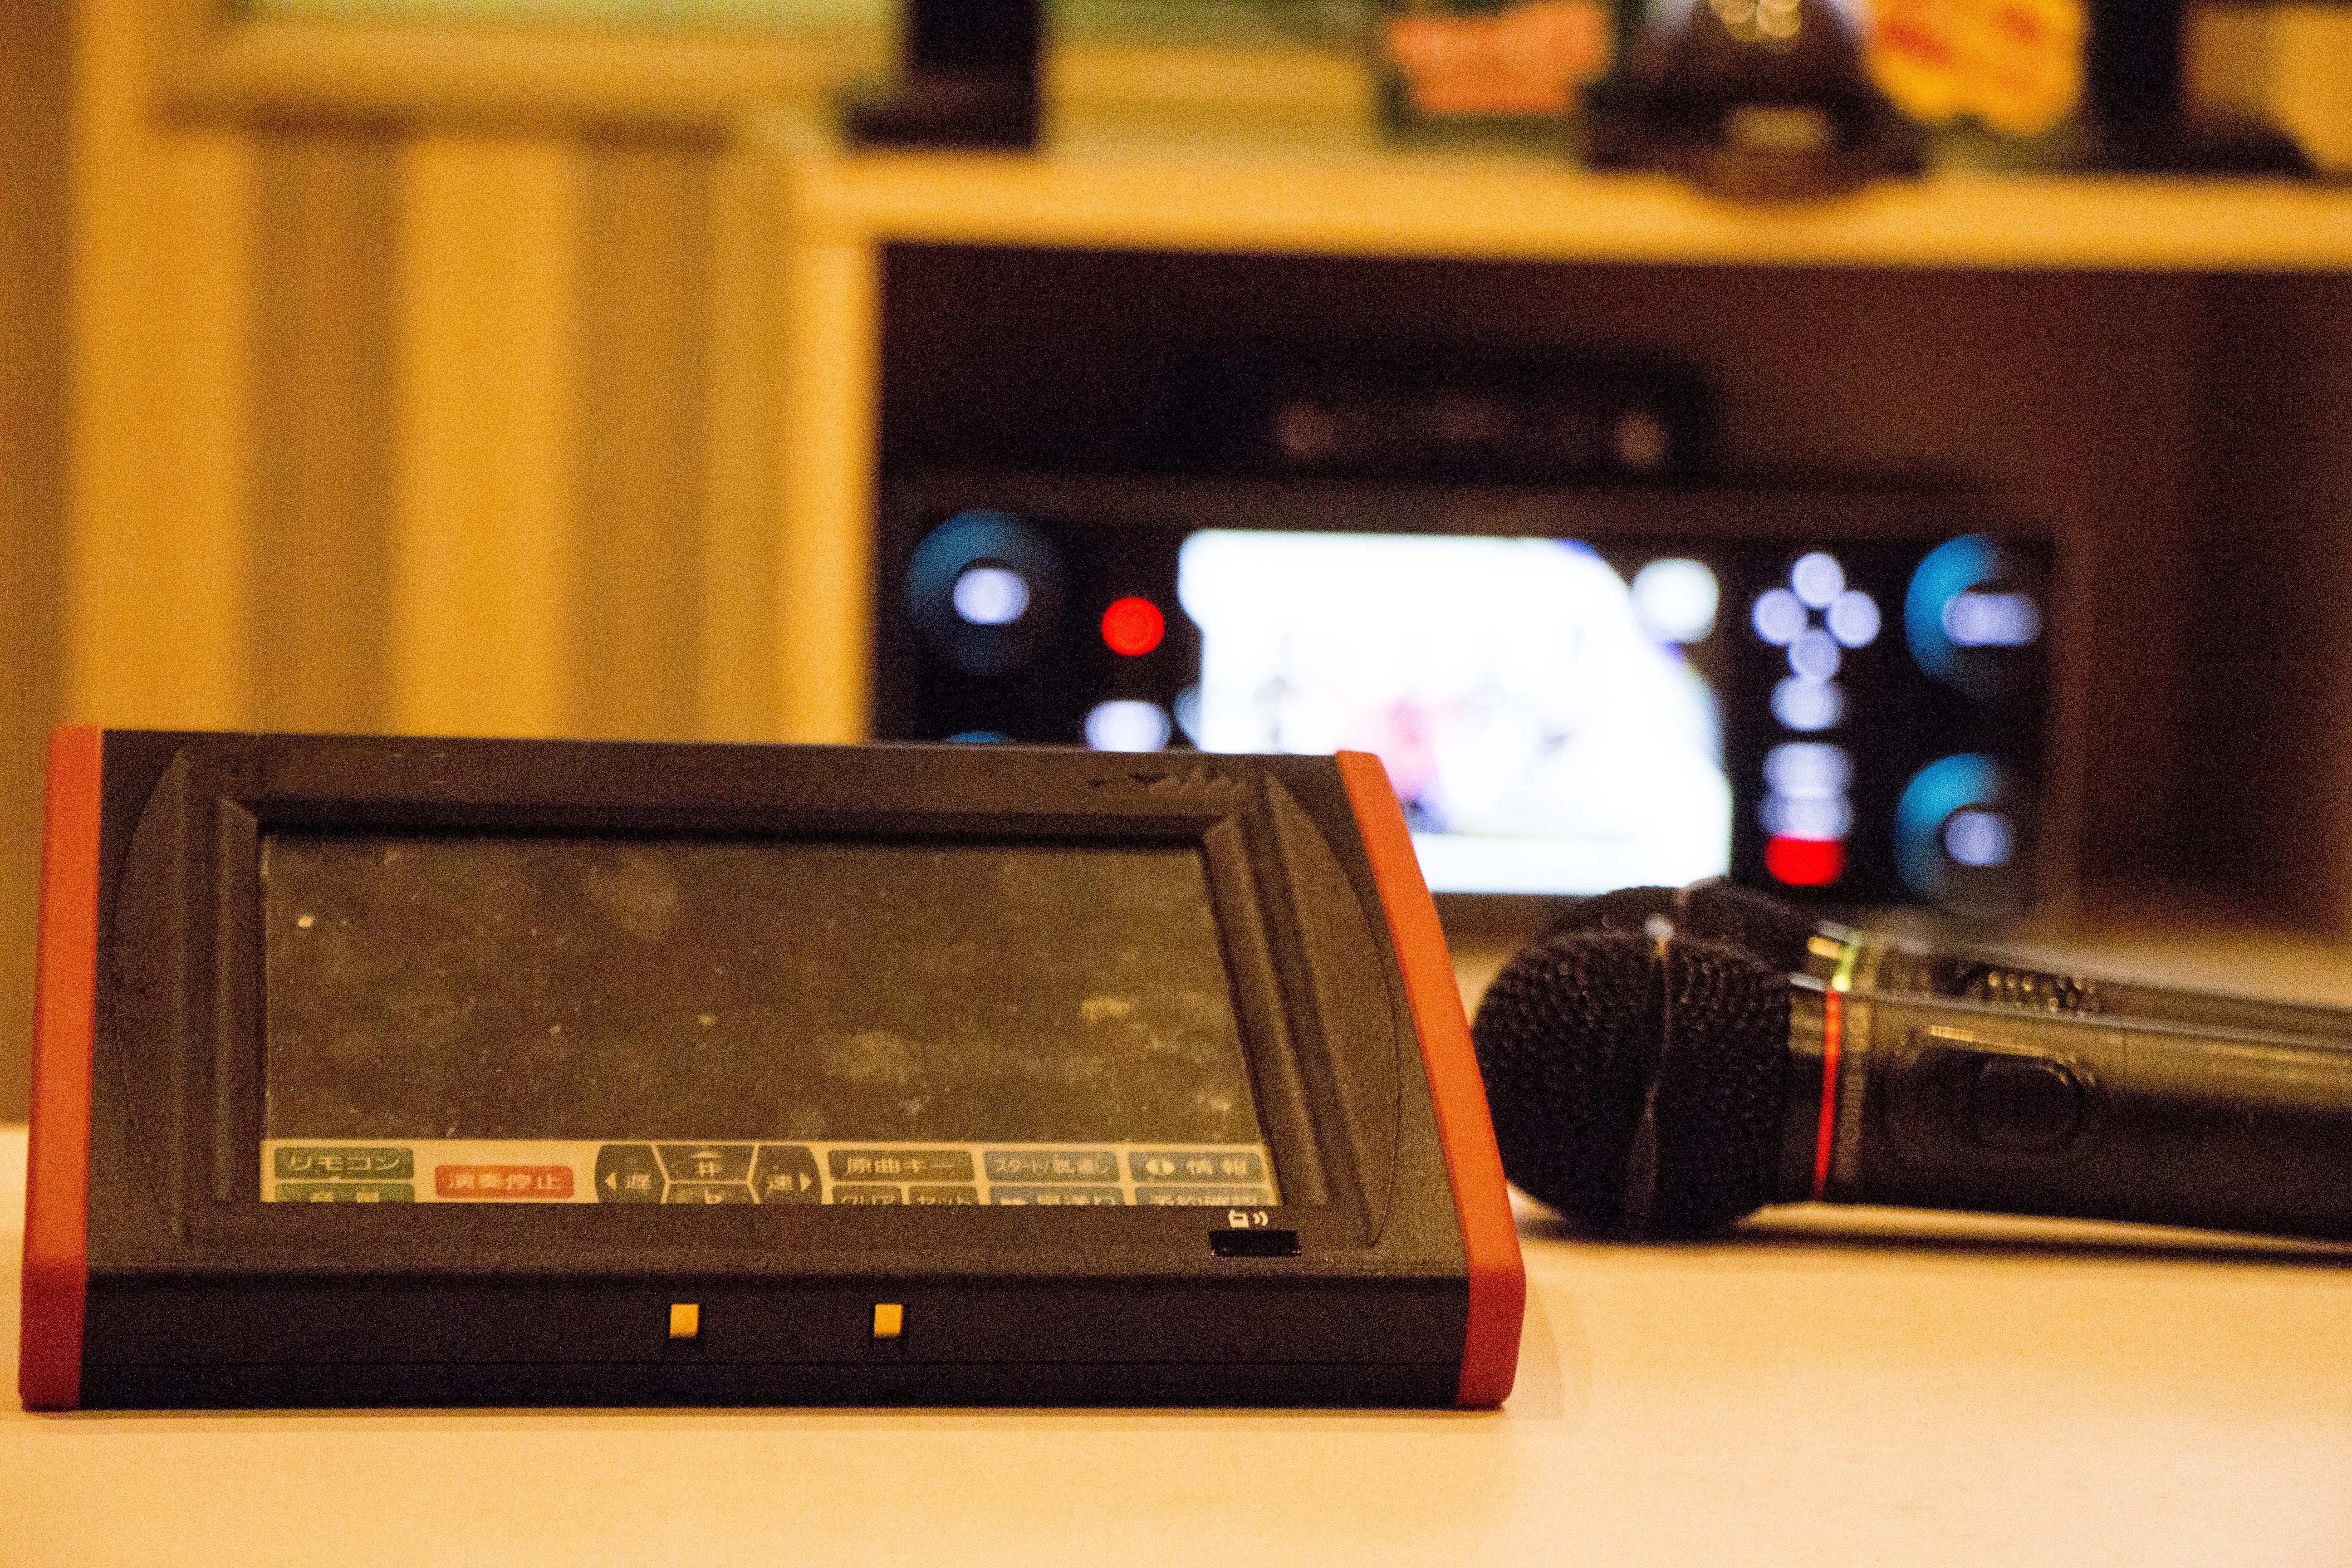 【カラオケ】個室に監視カメラがあるんだな…恥ずかしい